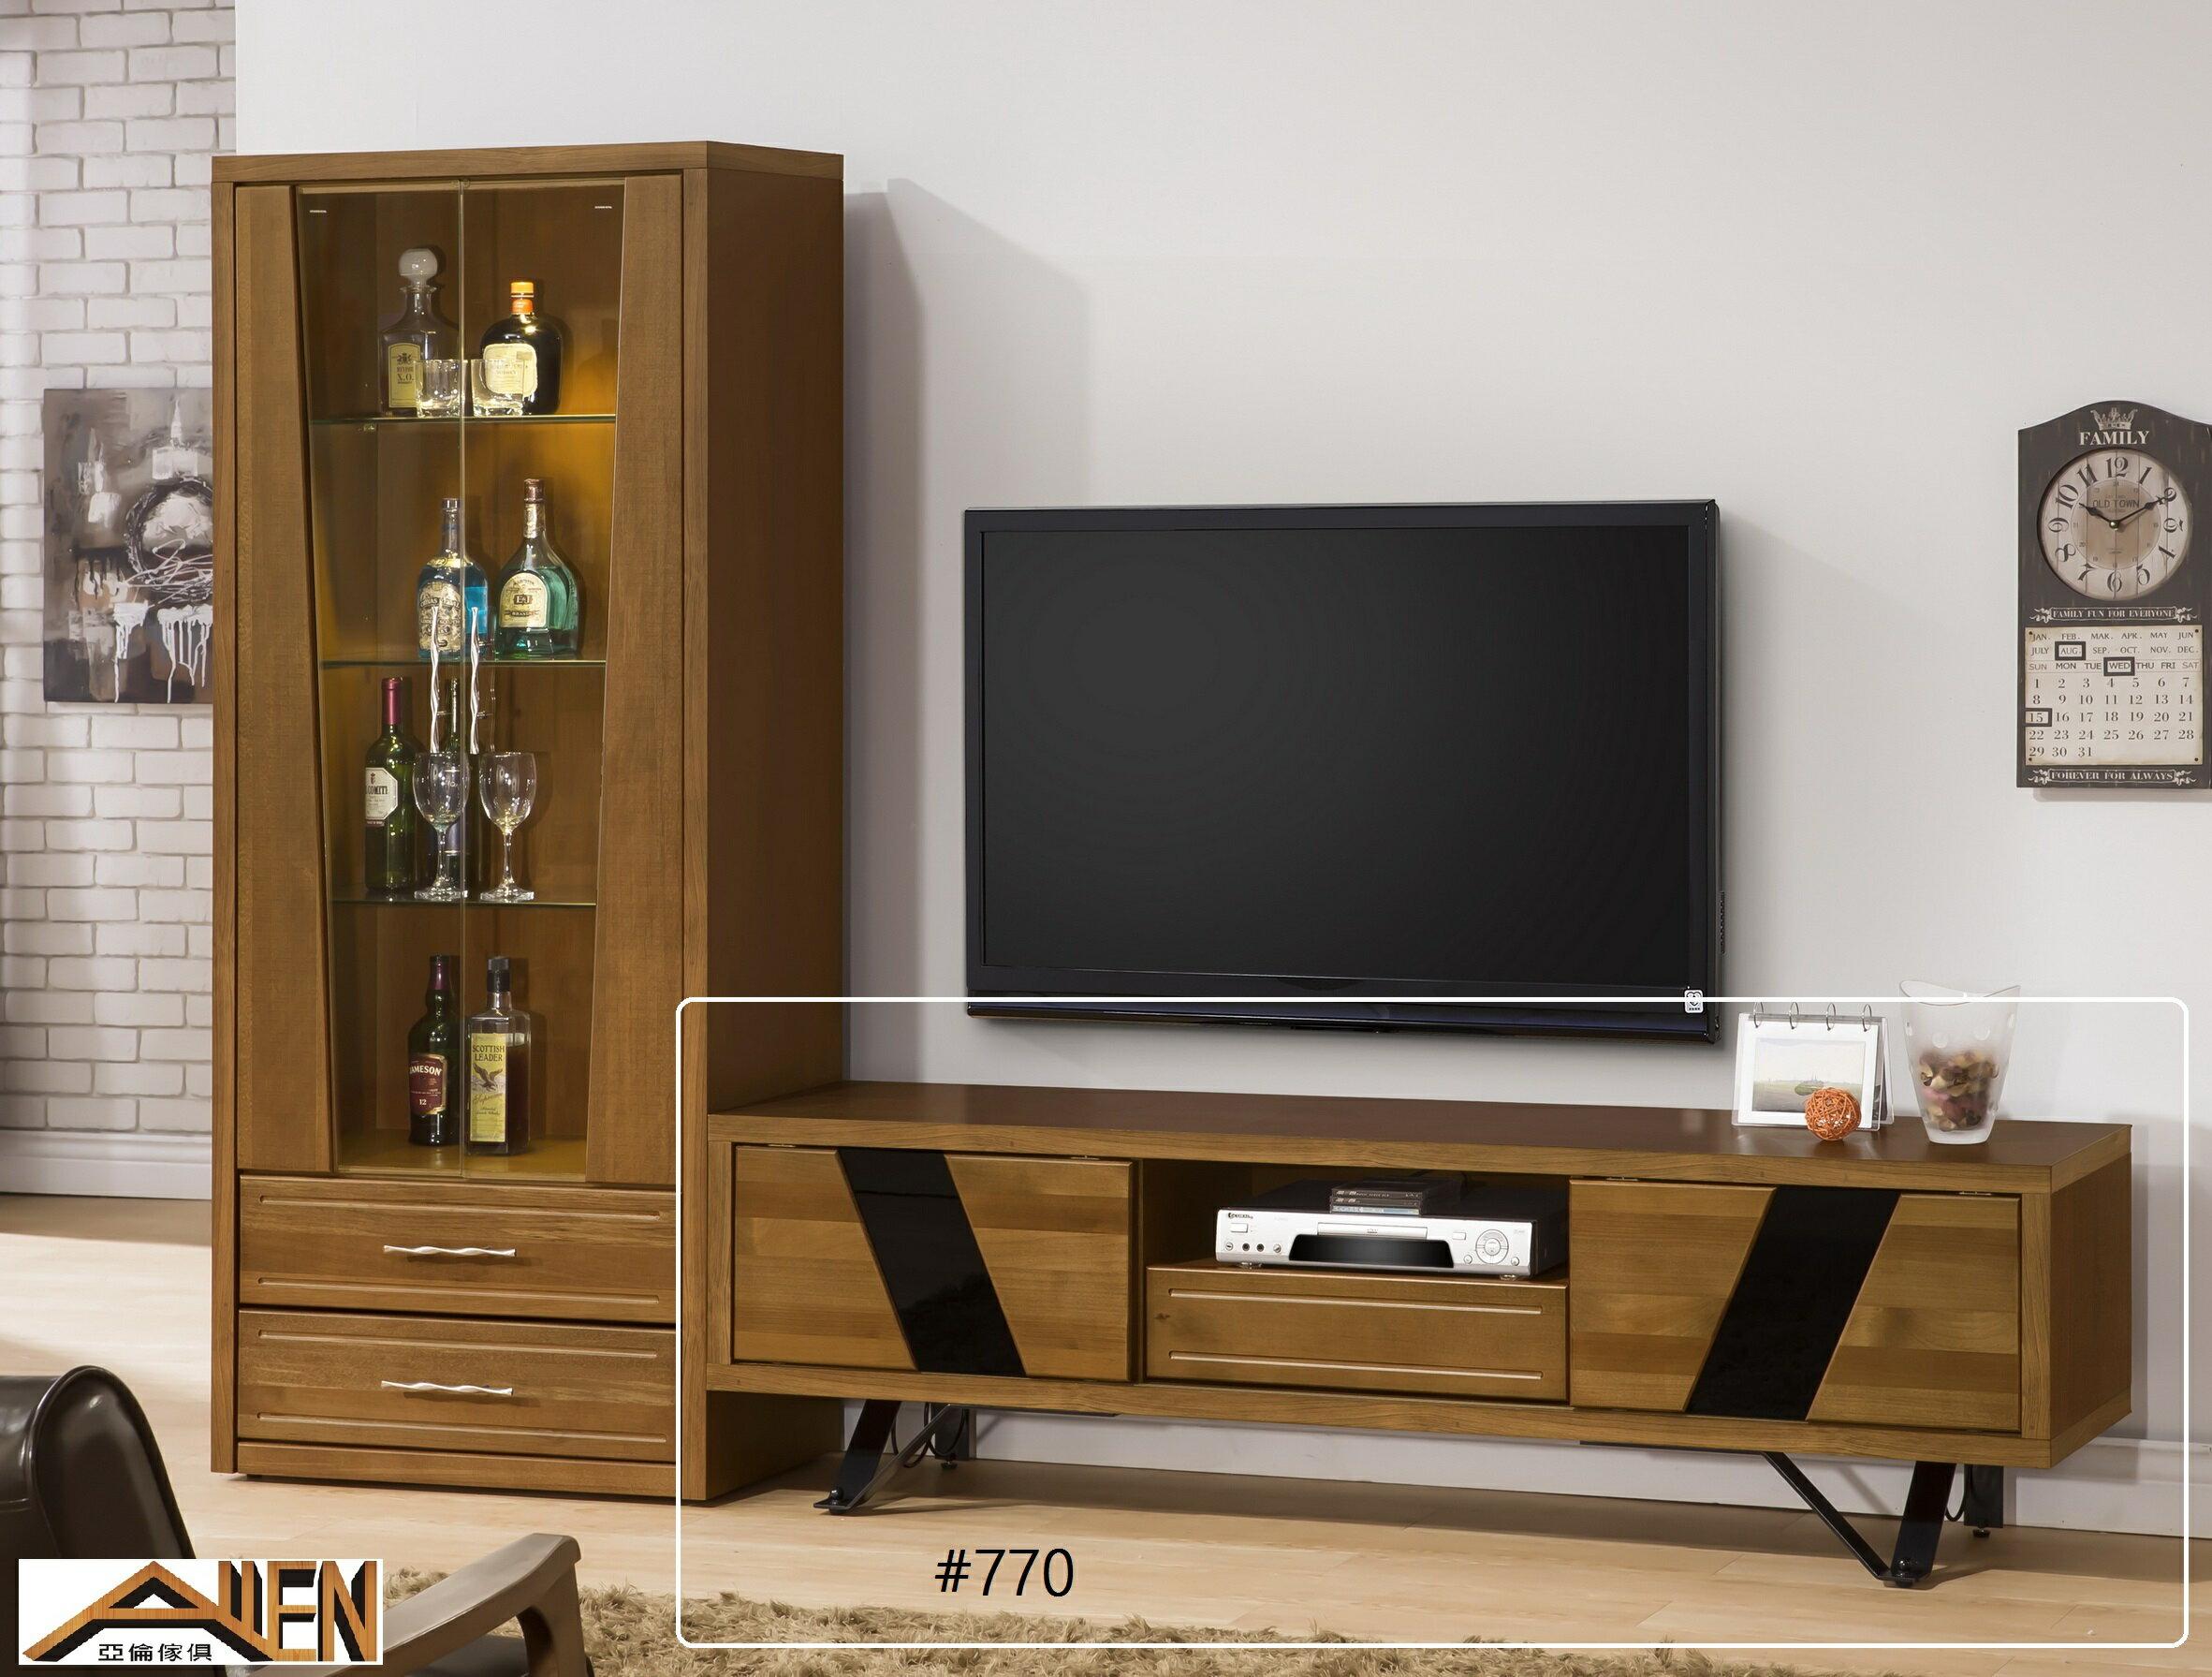 亞倫傢俱*文森卡索南洋檜實木6尺電視櫃 (烤漆鐵腳) - 限時優惠好康折扣